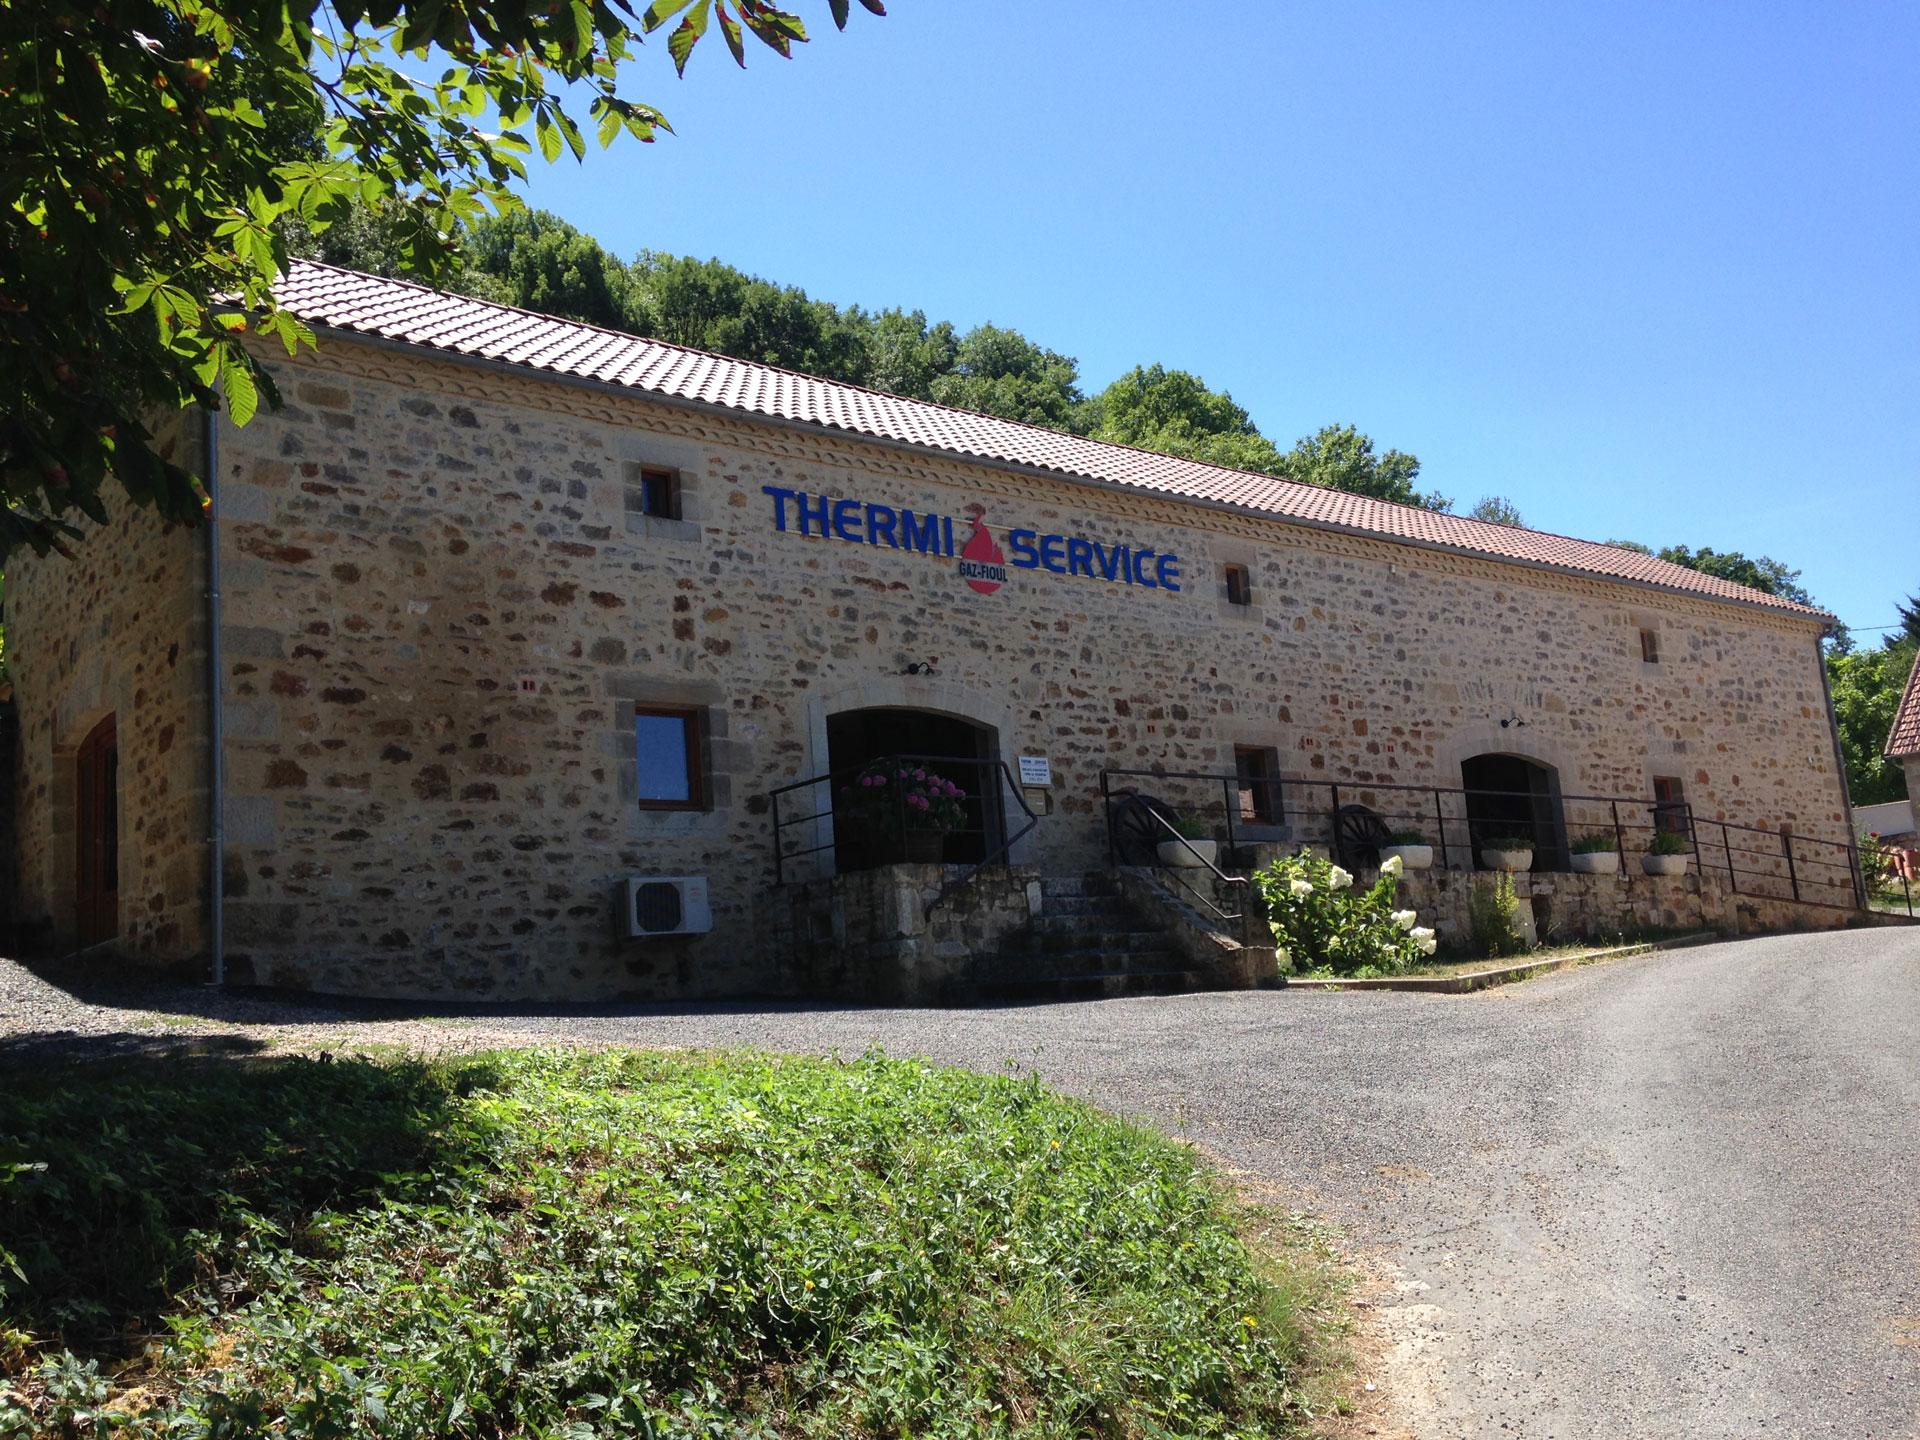 Locaux Thermi Service